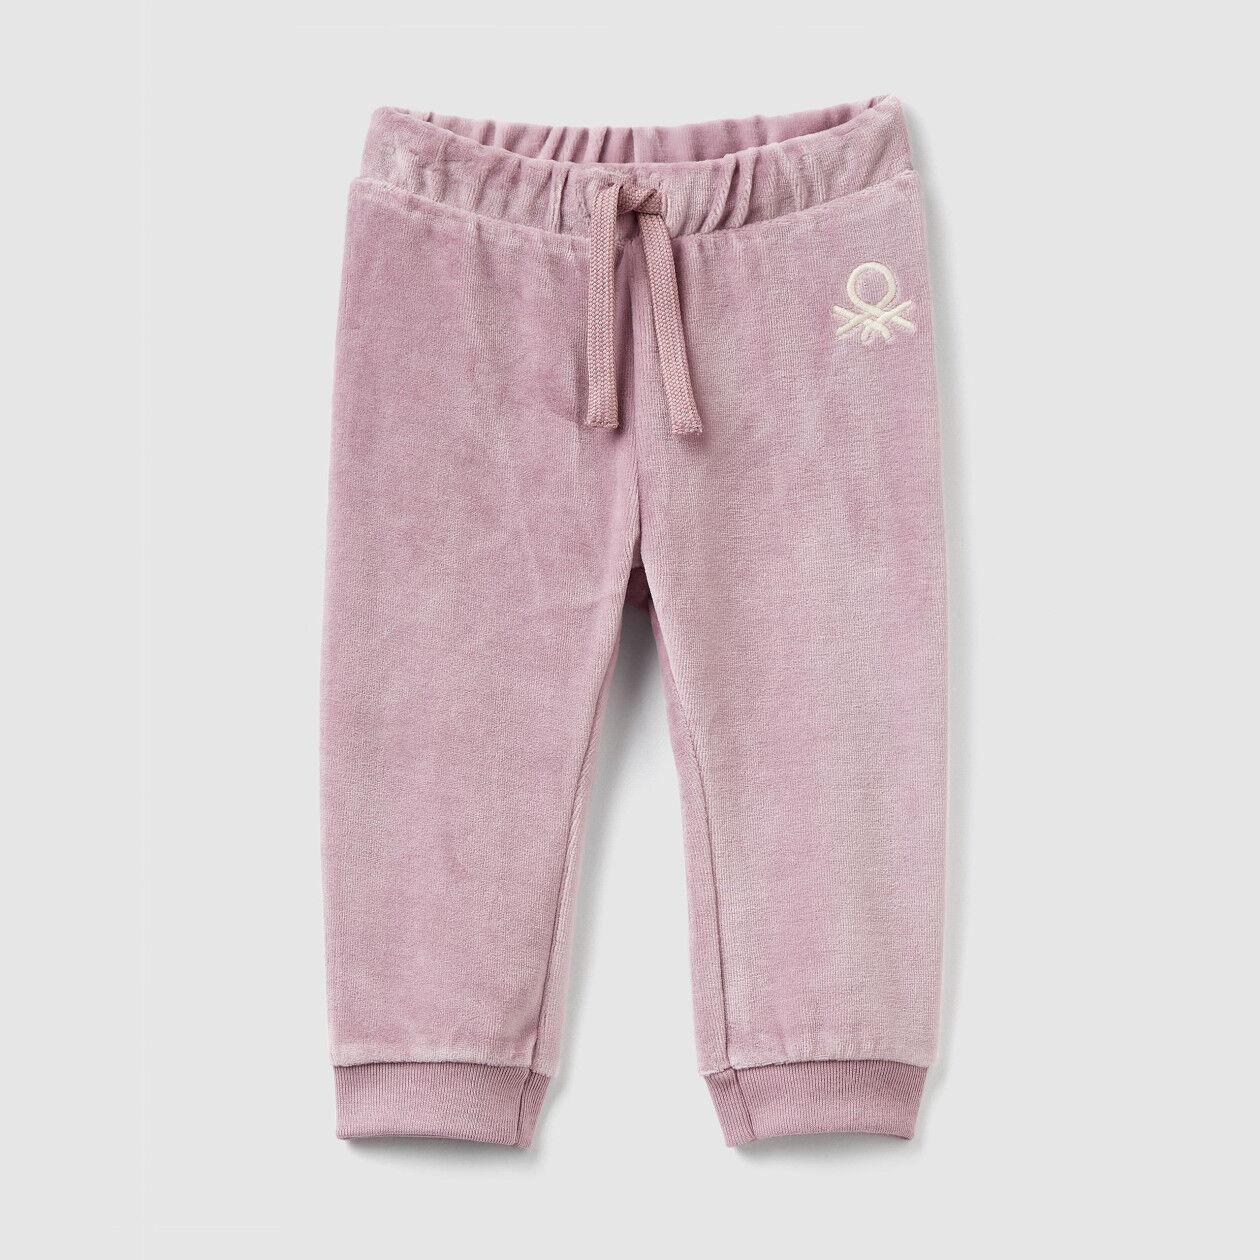 Pantaloni in ciniglia con coulisse